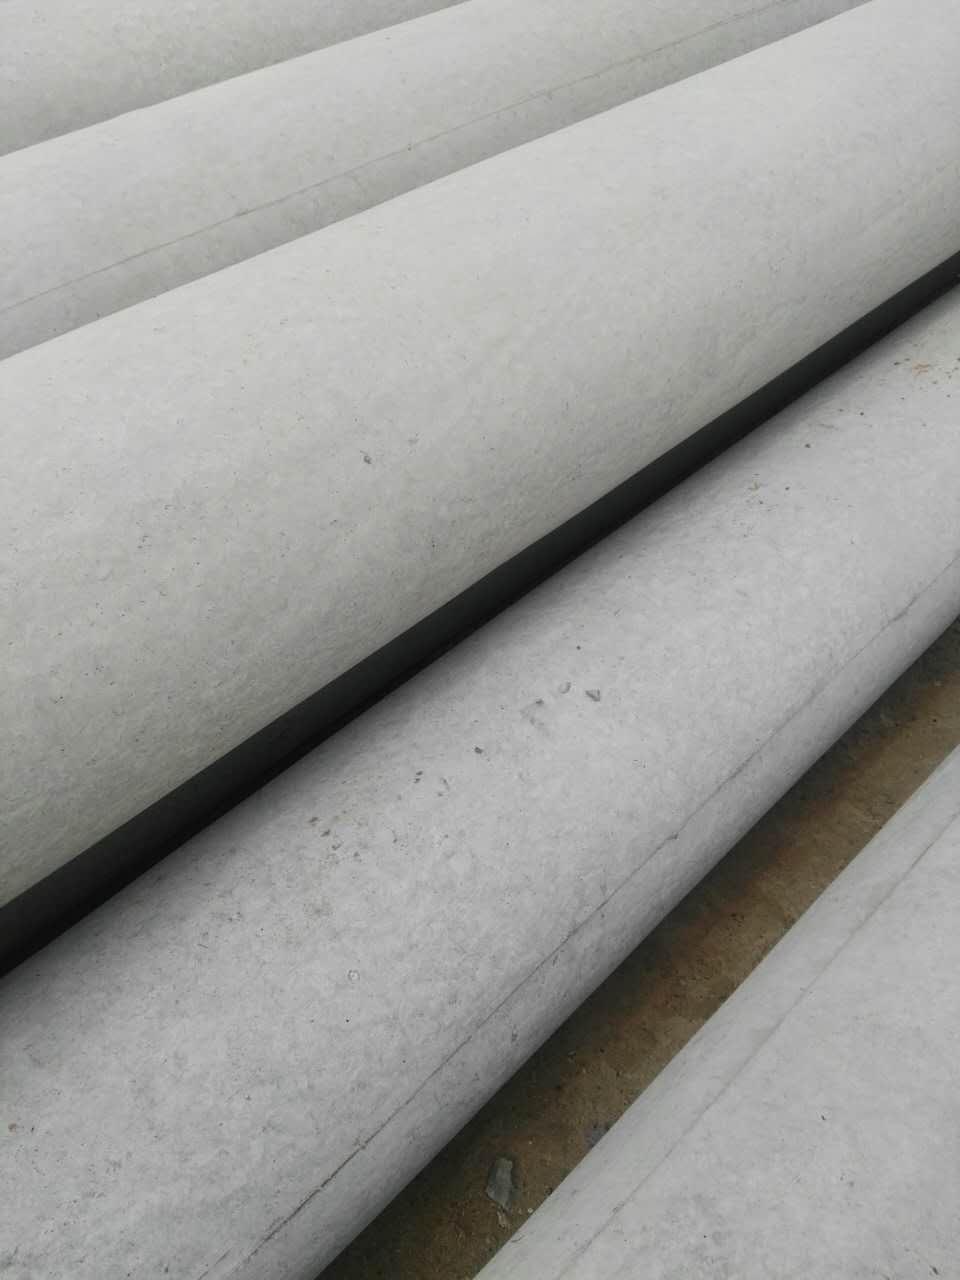 供应宁夏价格便宜的水泥预制管道-宁夏水泥预制管道供应商